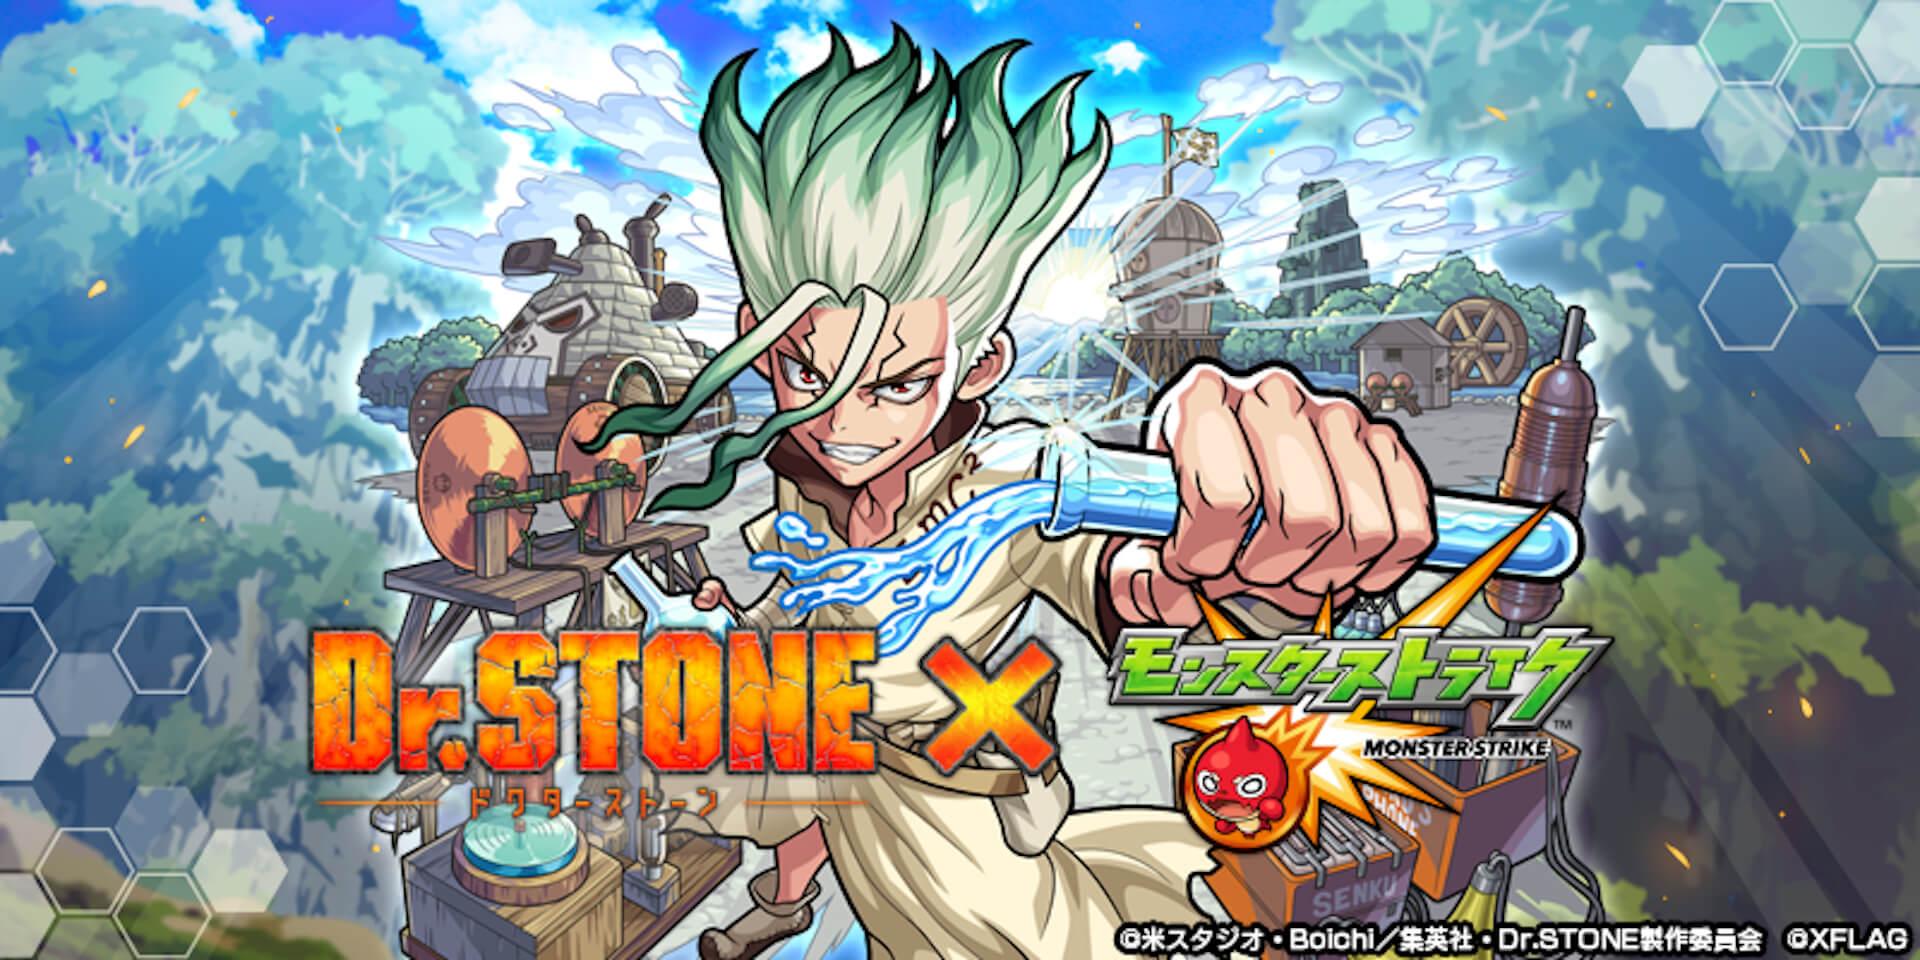 モンストがアニメ『Dr.STONE』とコラボ!出演声優のサイン色紙&10,000円分のえらべるギフトコードをもらえるキャンペーンも実施 tech210728_monst_drstone_2